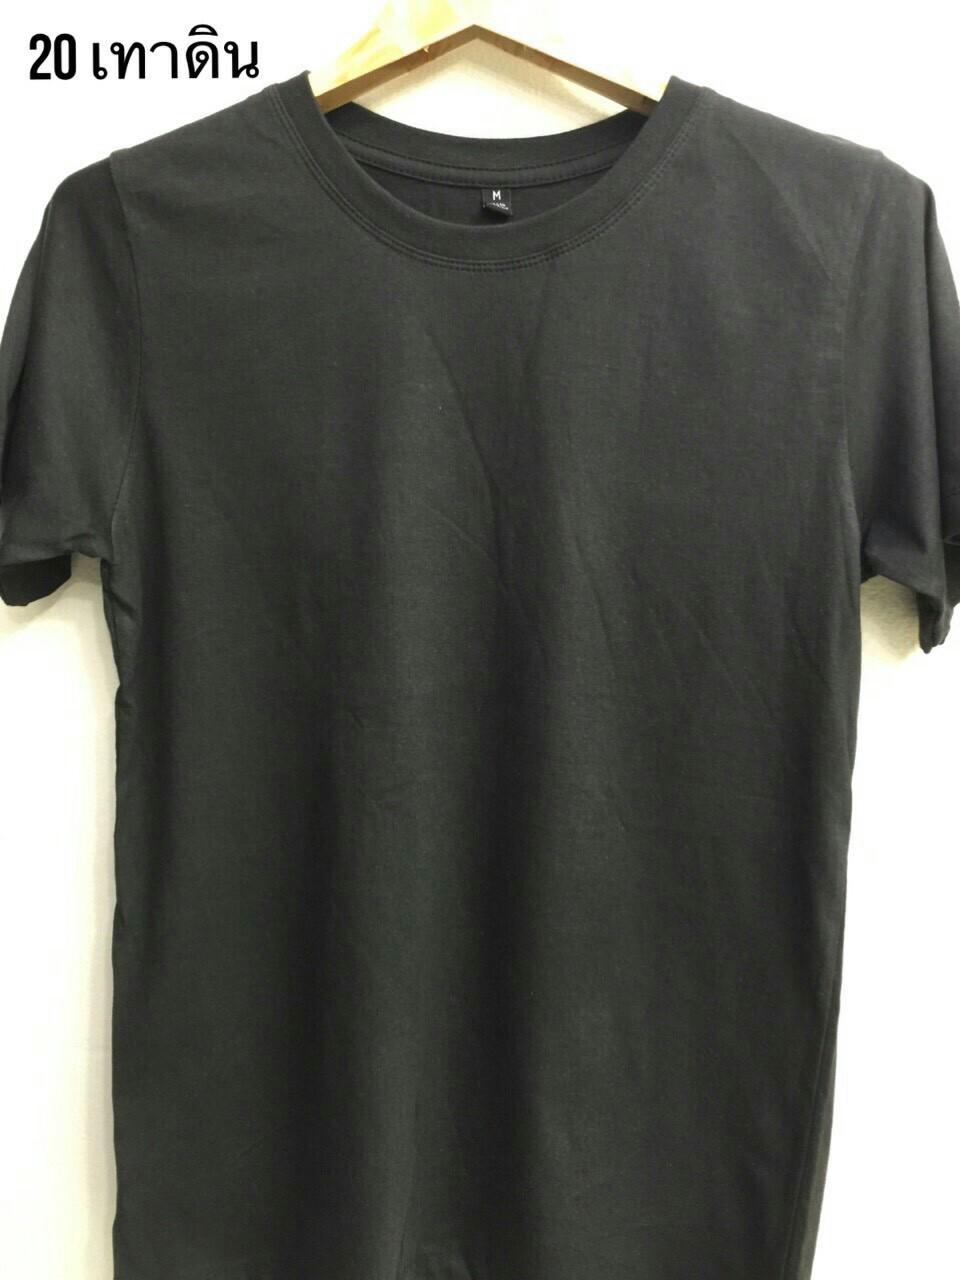 เสื้อ Cotton สีเทาดิน ไซส์ S,M,L